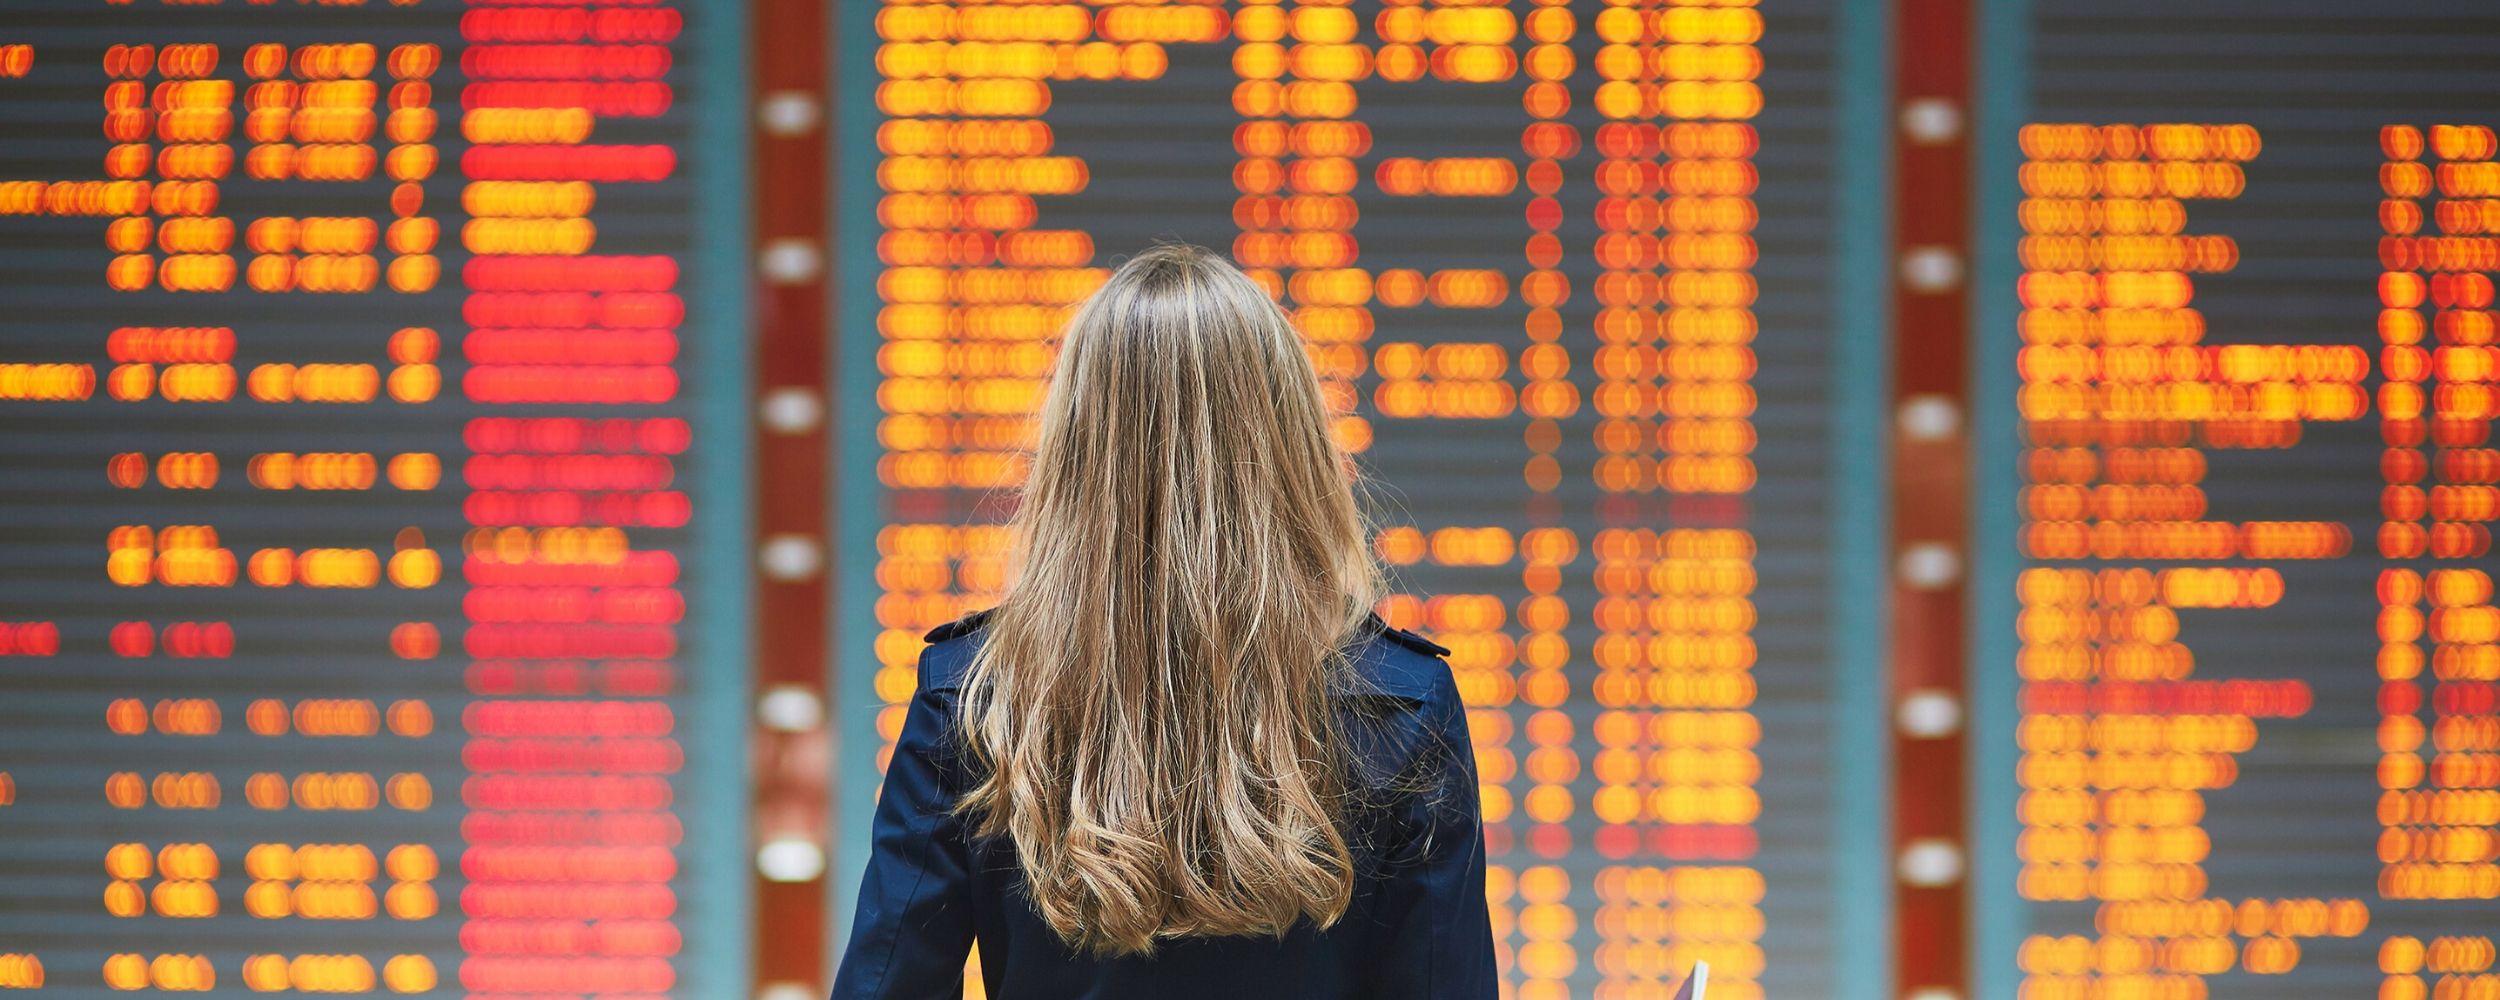 7 características de los Destinos Turísticos Inteligentes